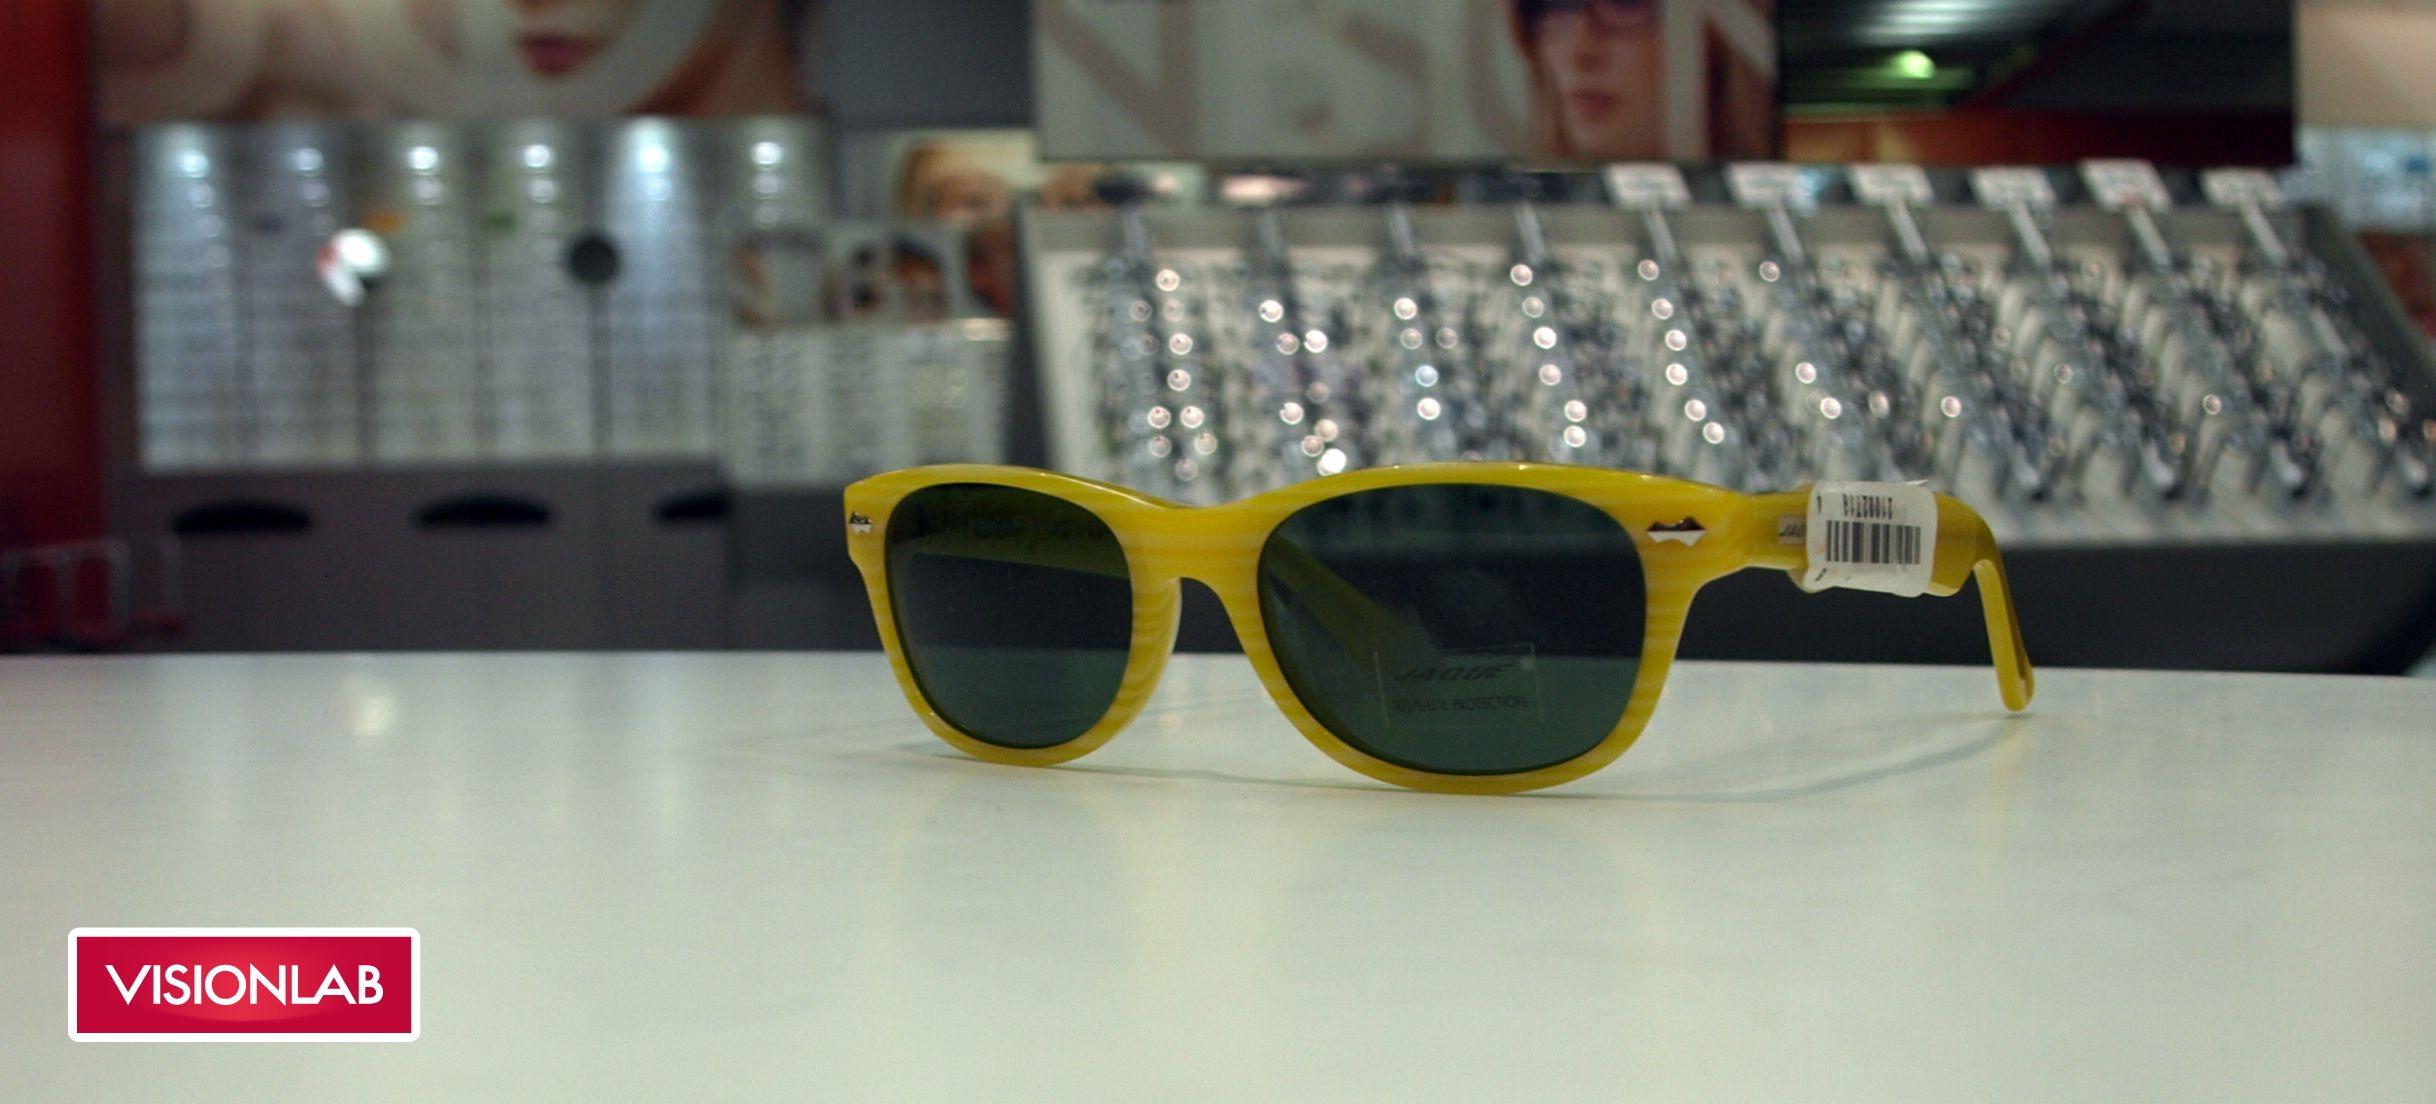 Gafas Visionlab montura amarilla http://www.visionlab.es ...